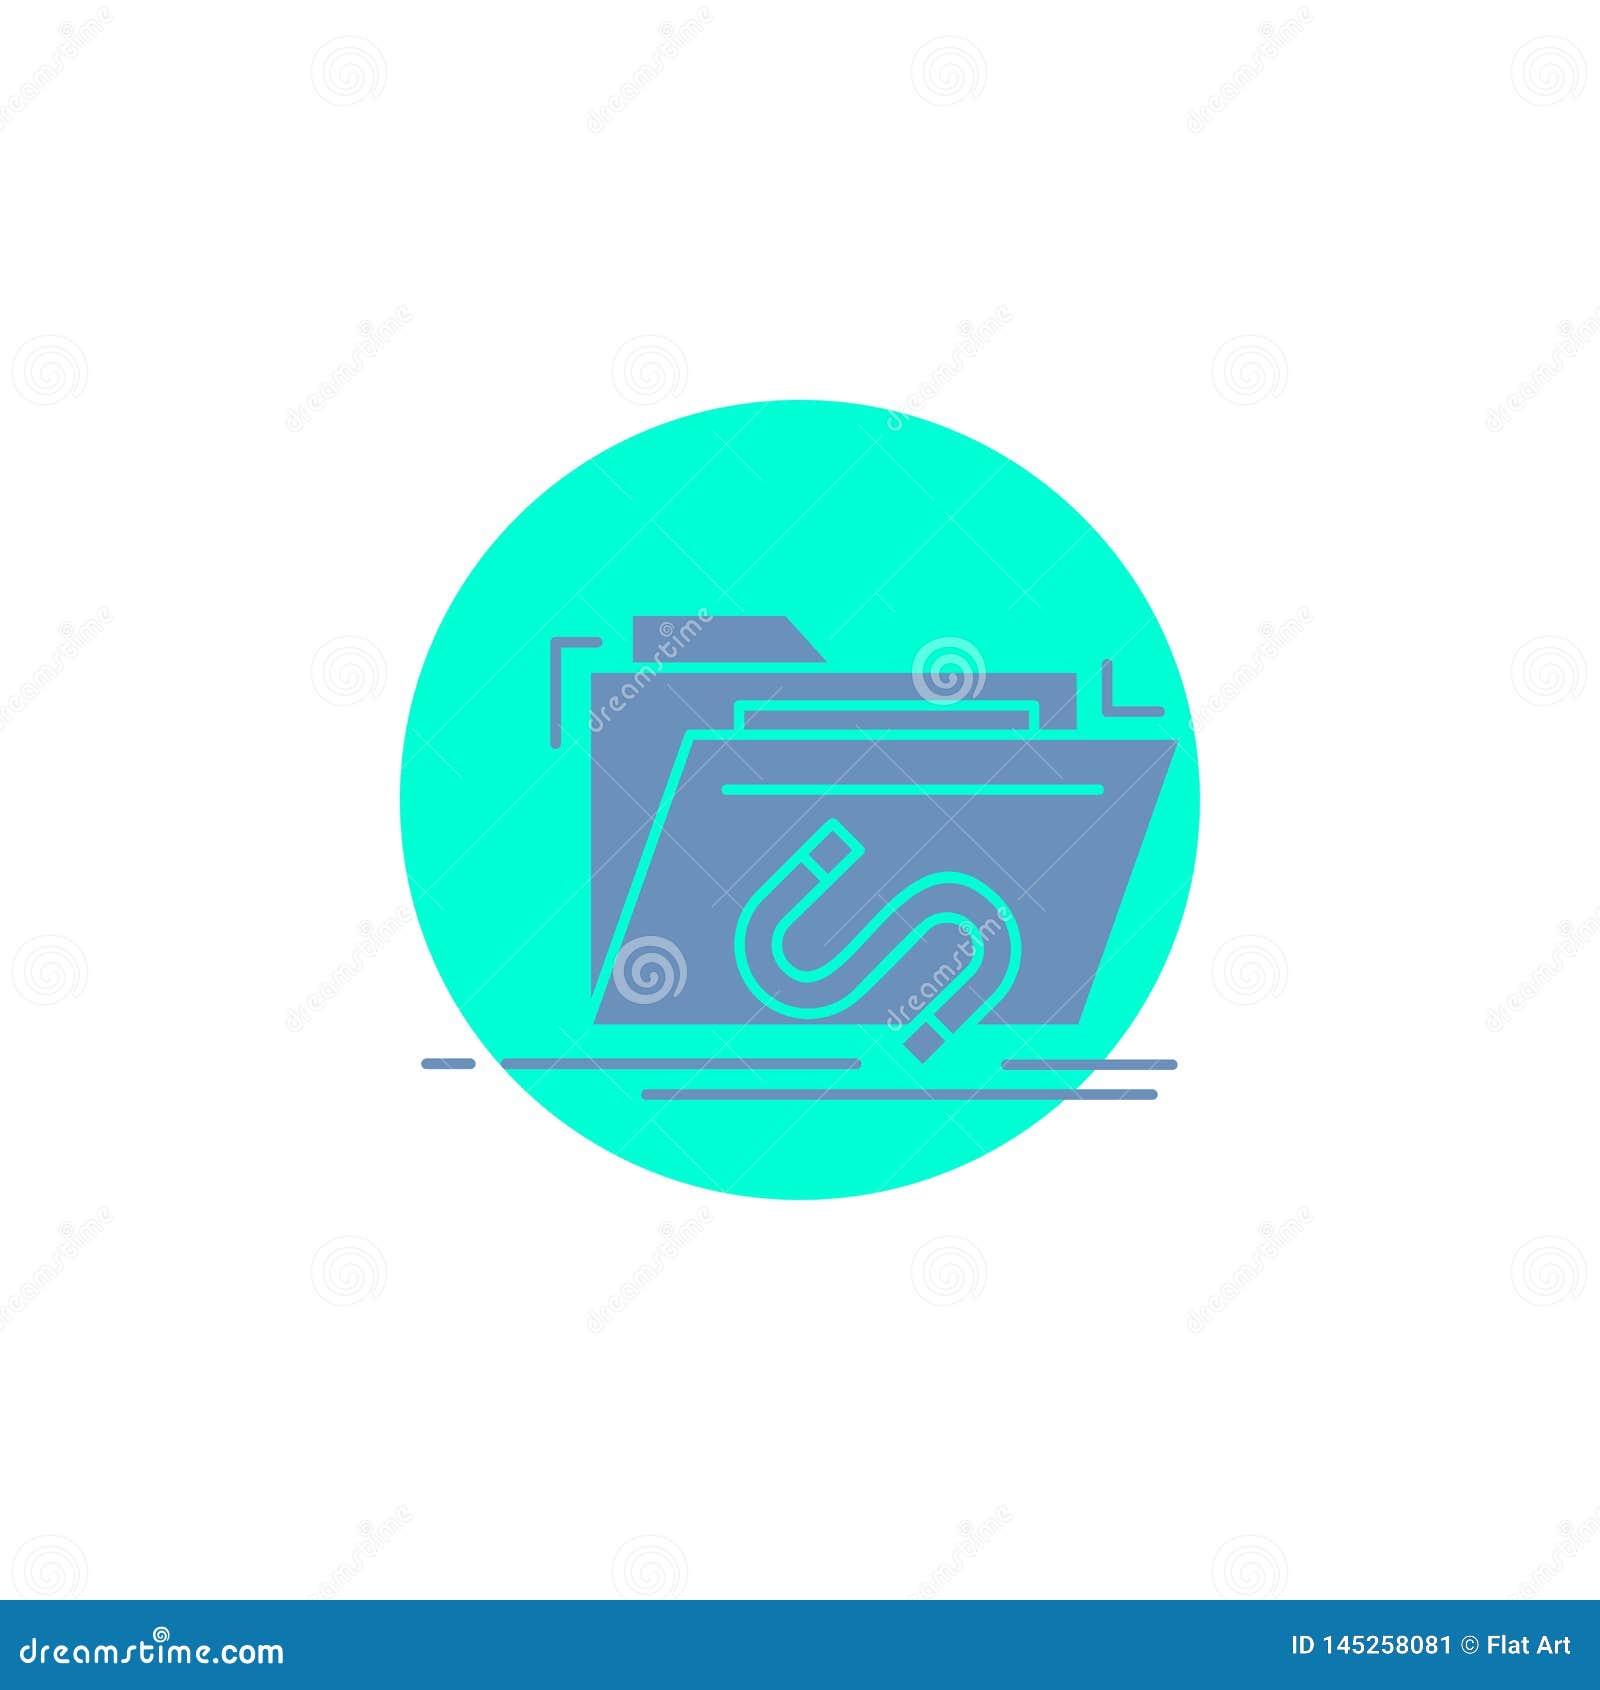 Bakdörr bedrift, mapp, internet, programvaruskårasymbol